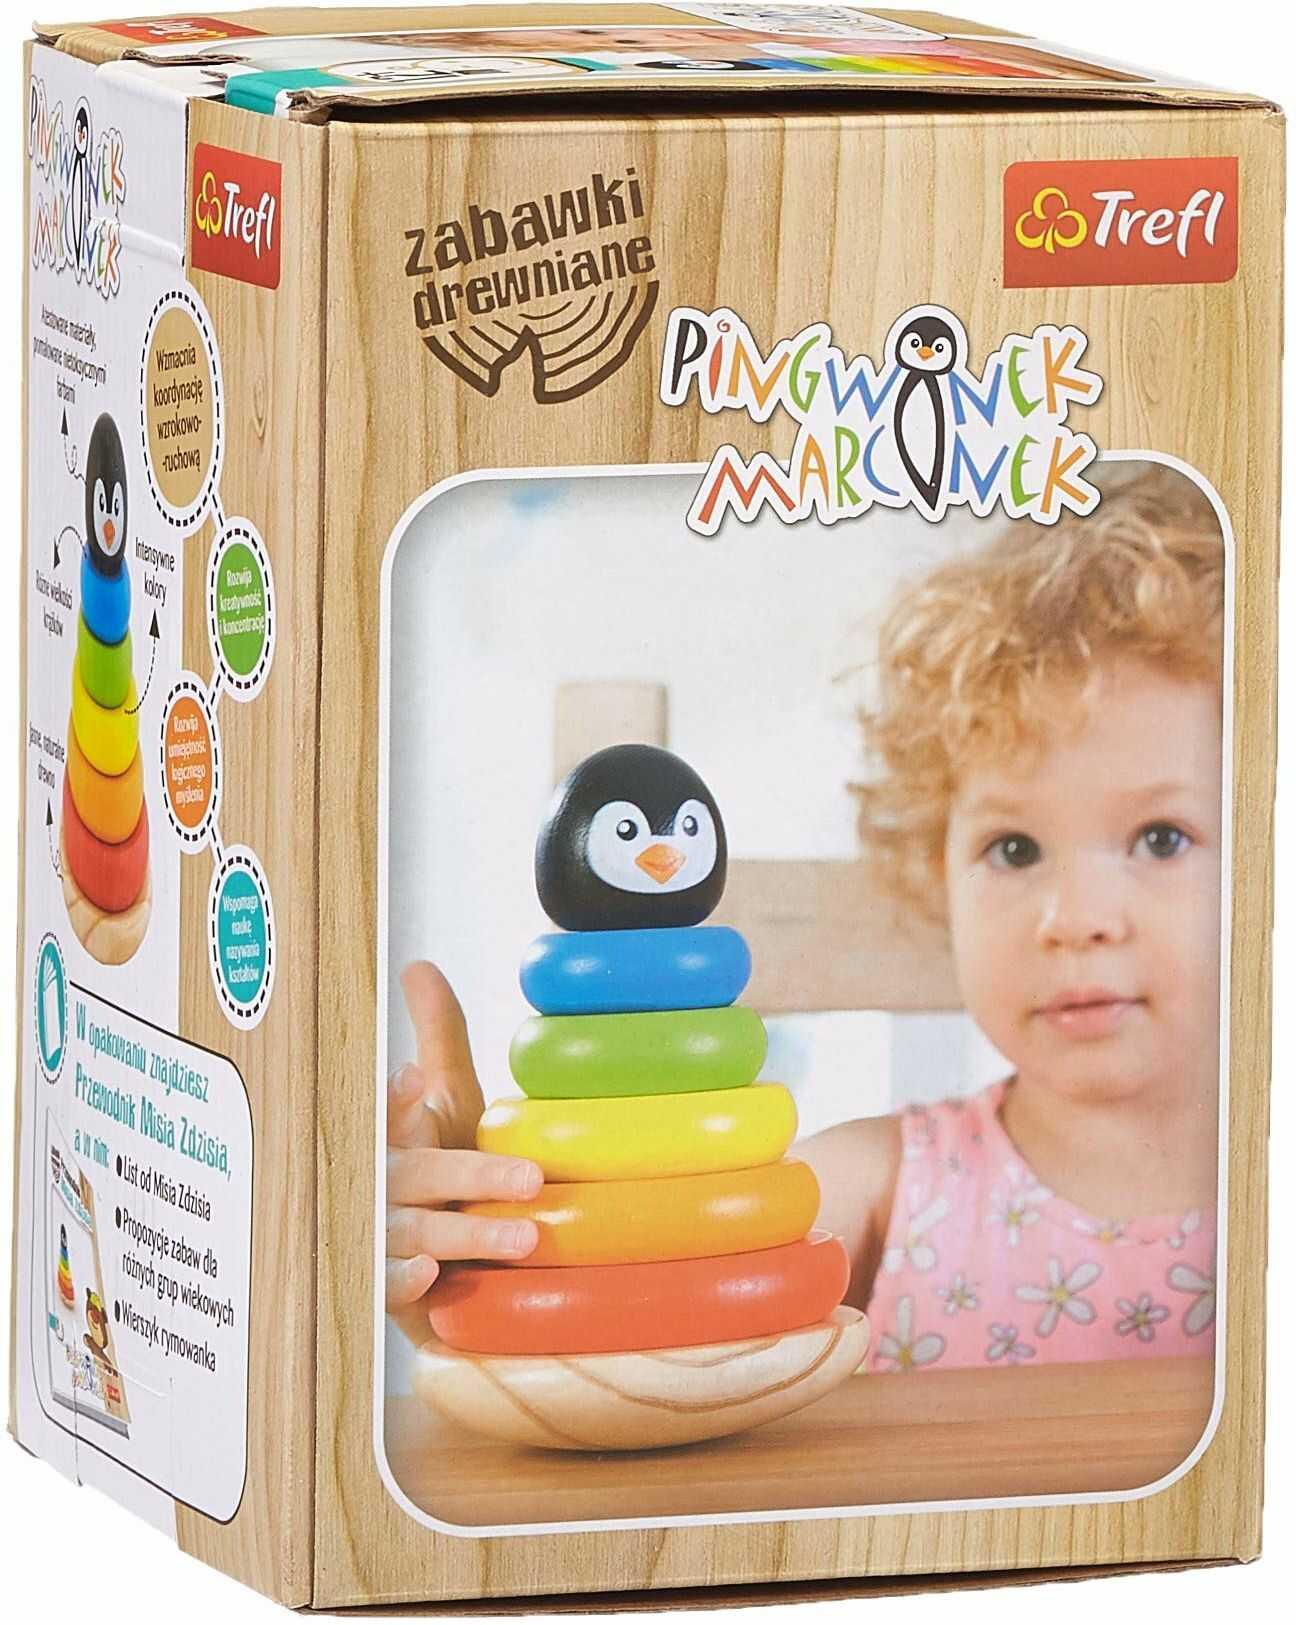 Trefl Pingwinek Marcinek Zabawka Drewniana dla Dzieci od 12 miesięcy